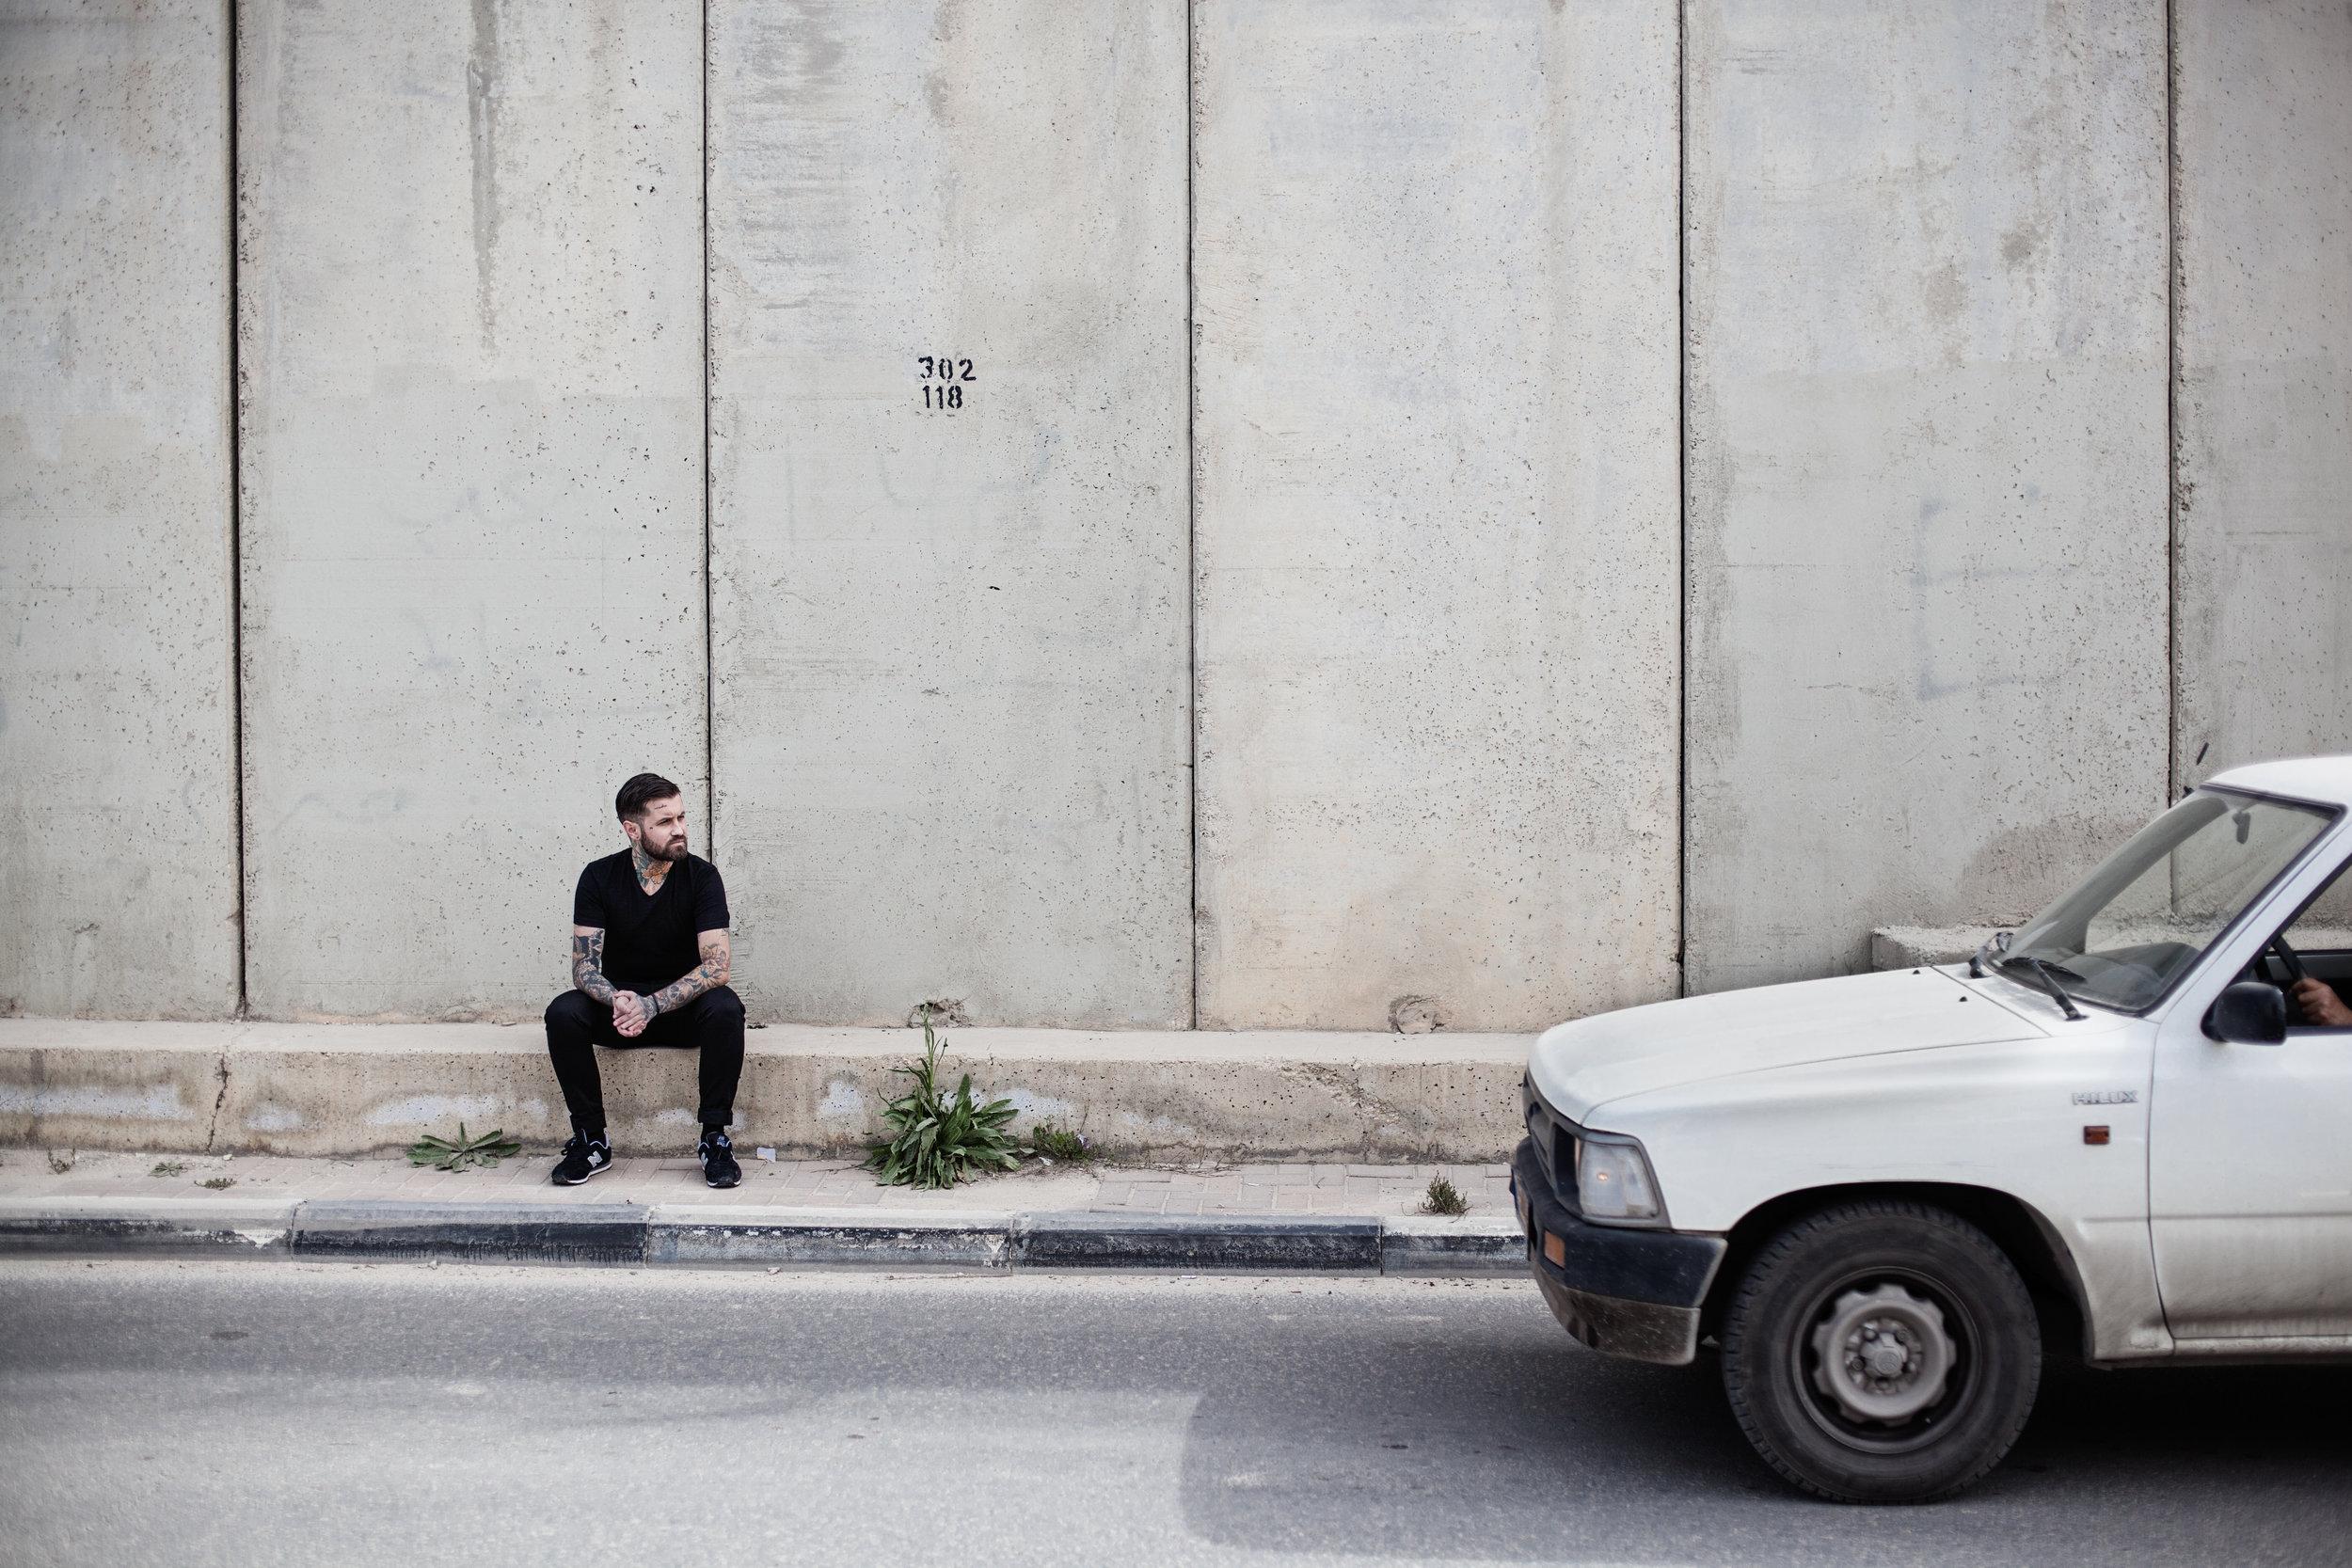 El artista    Abel Azcona    sentado a la entrada de    Ramallah   , durante el proceso de instalación de su obra La Vergüenza a lo largo del muro de    Cisjordania   . Fragmentos del muro de    Berlín    en los resquicios del muro construido por el Gobierno de    Israel   .